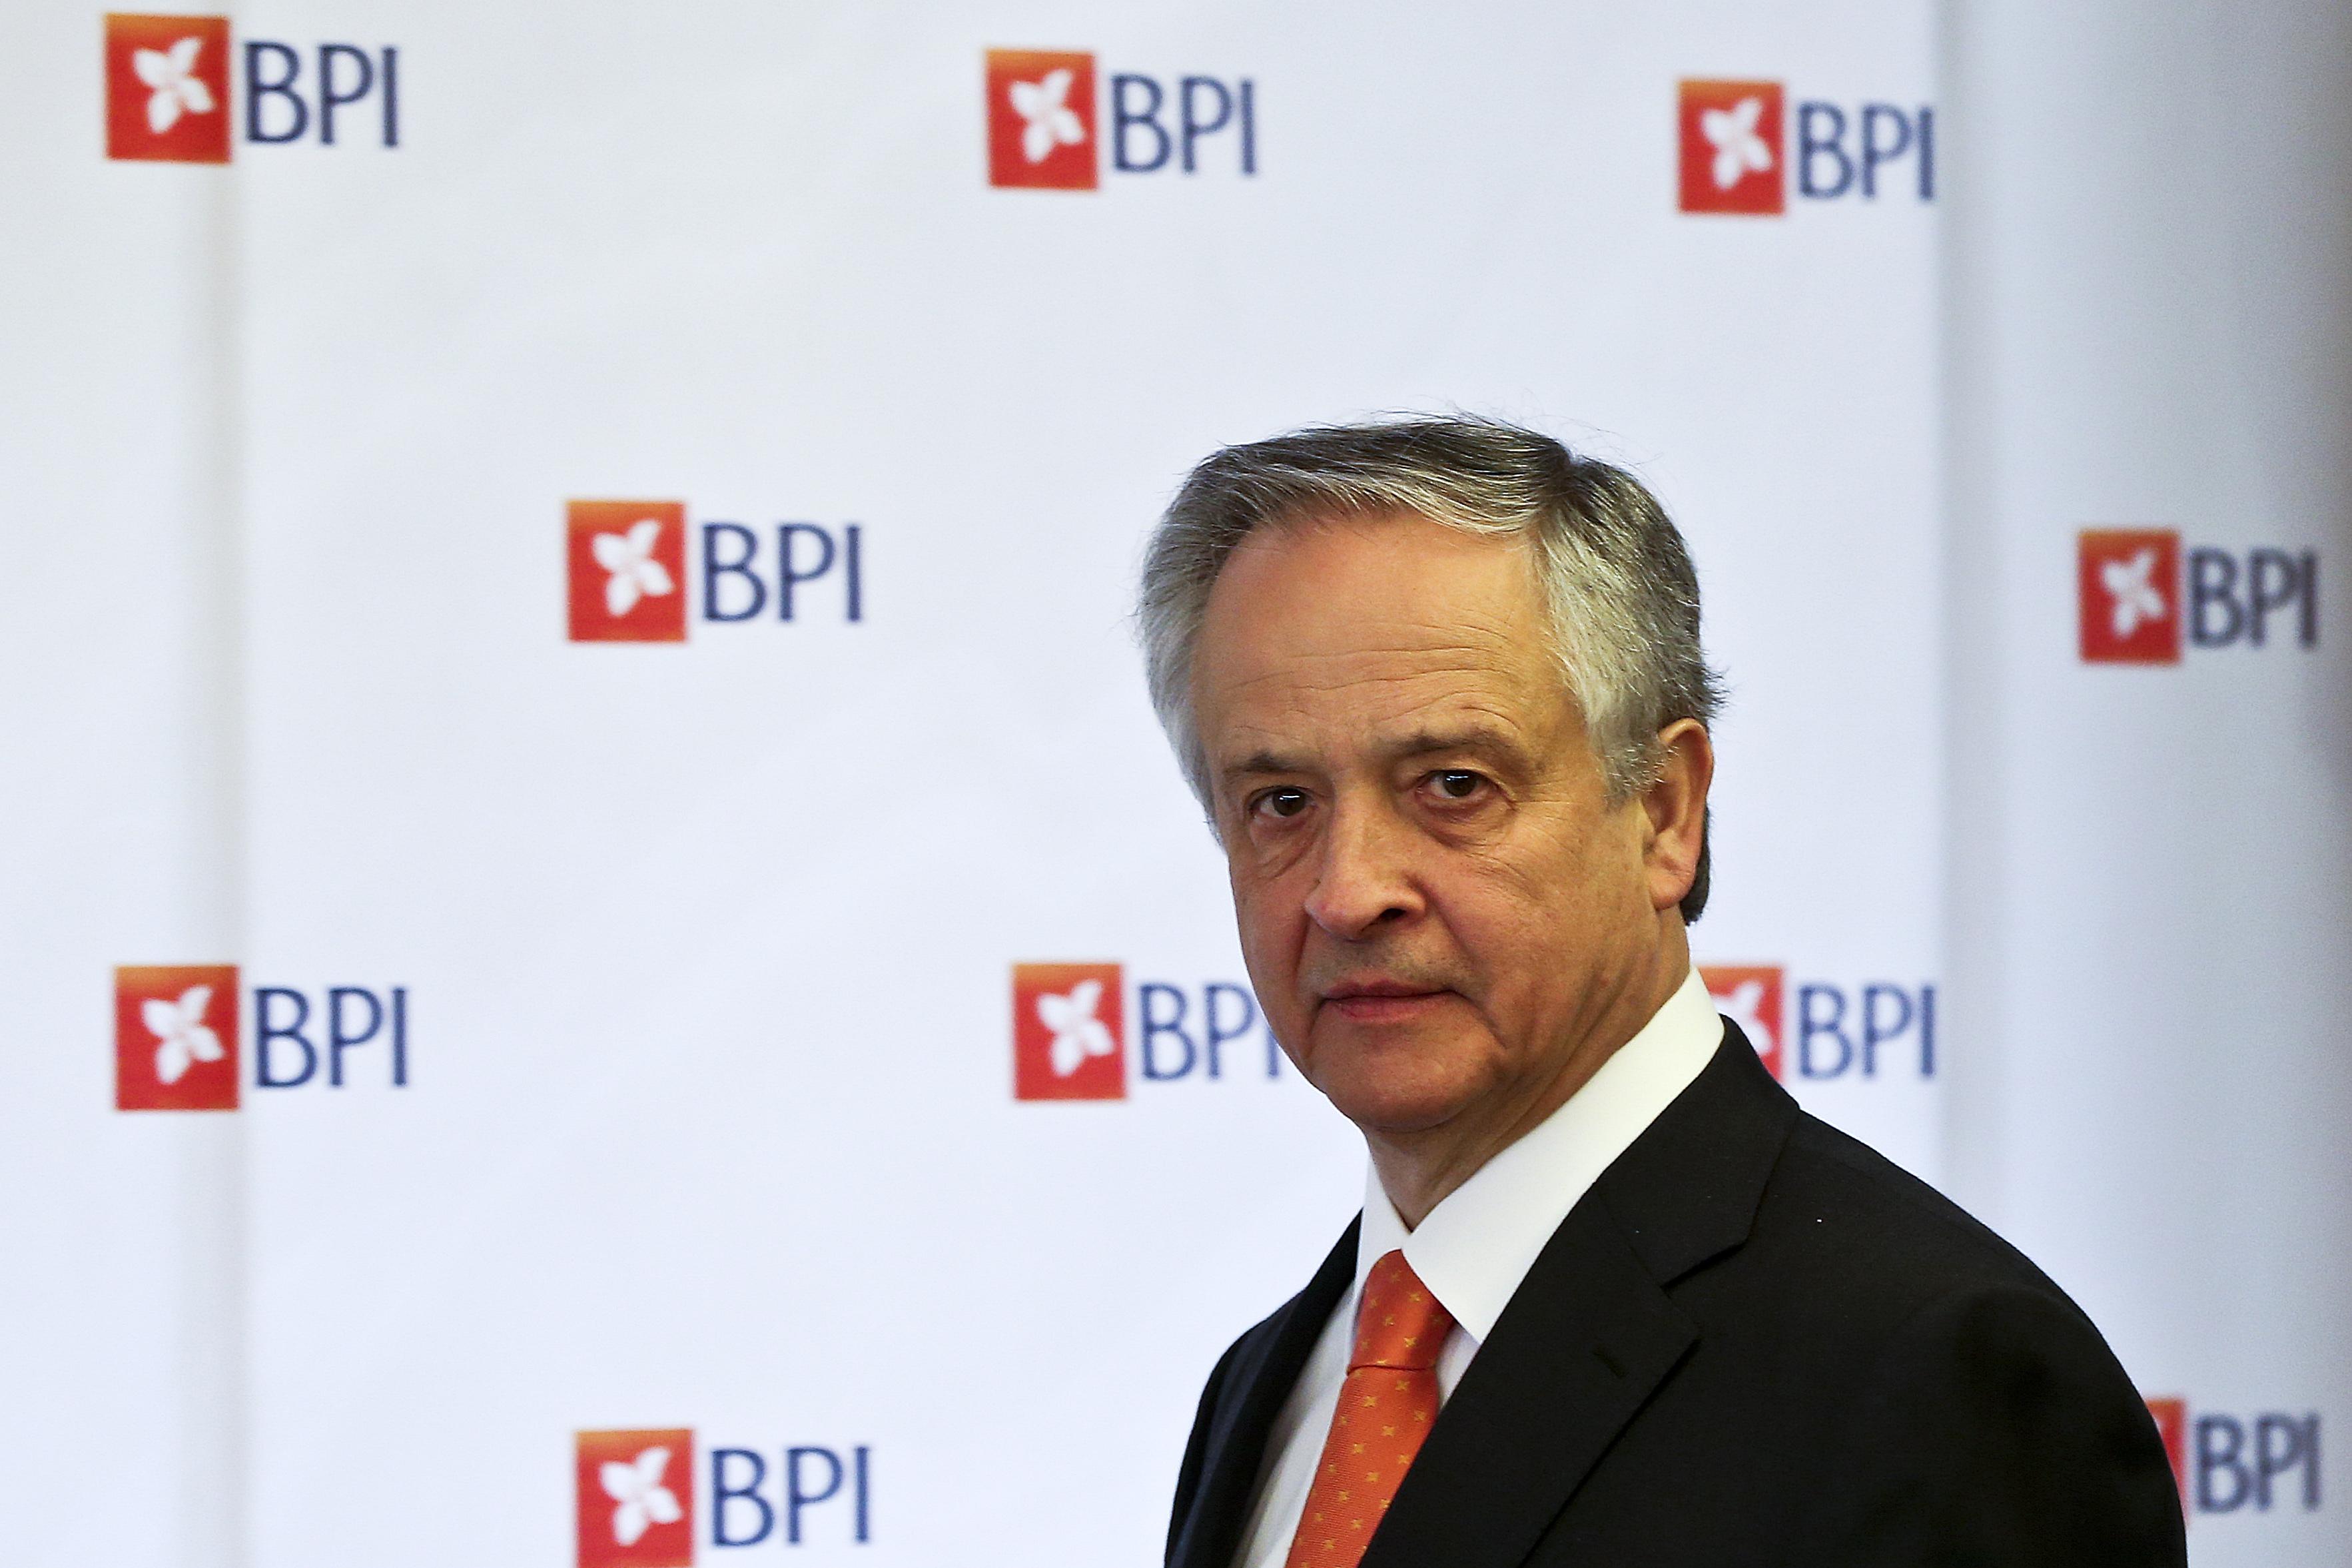 Mais de 300 trabalhadores vão sair do BPI este ano, maioria em reformas antecipadas